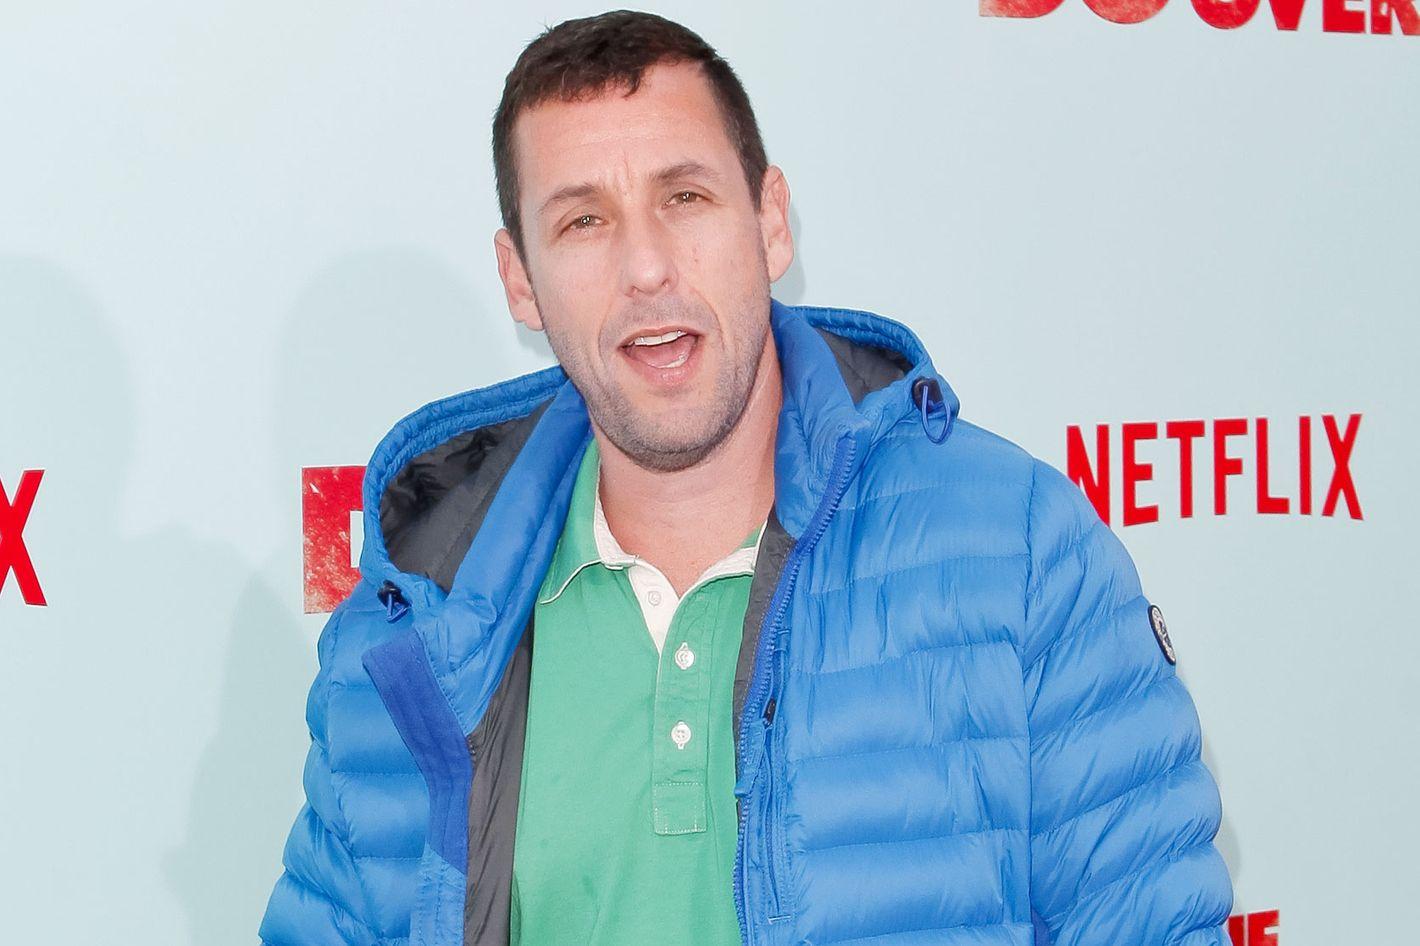 Adam Sandler's Netflix Deal Is His Good-bye to Movie Stardom